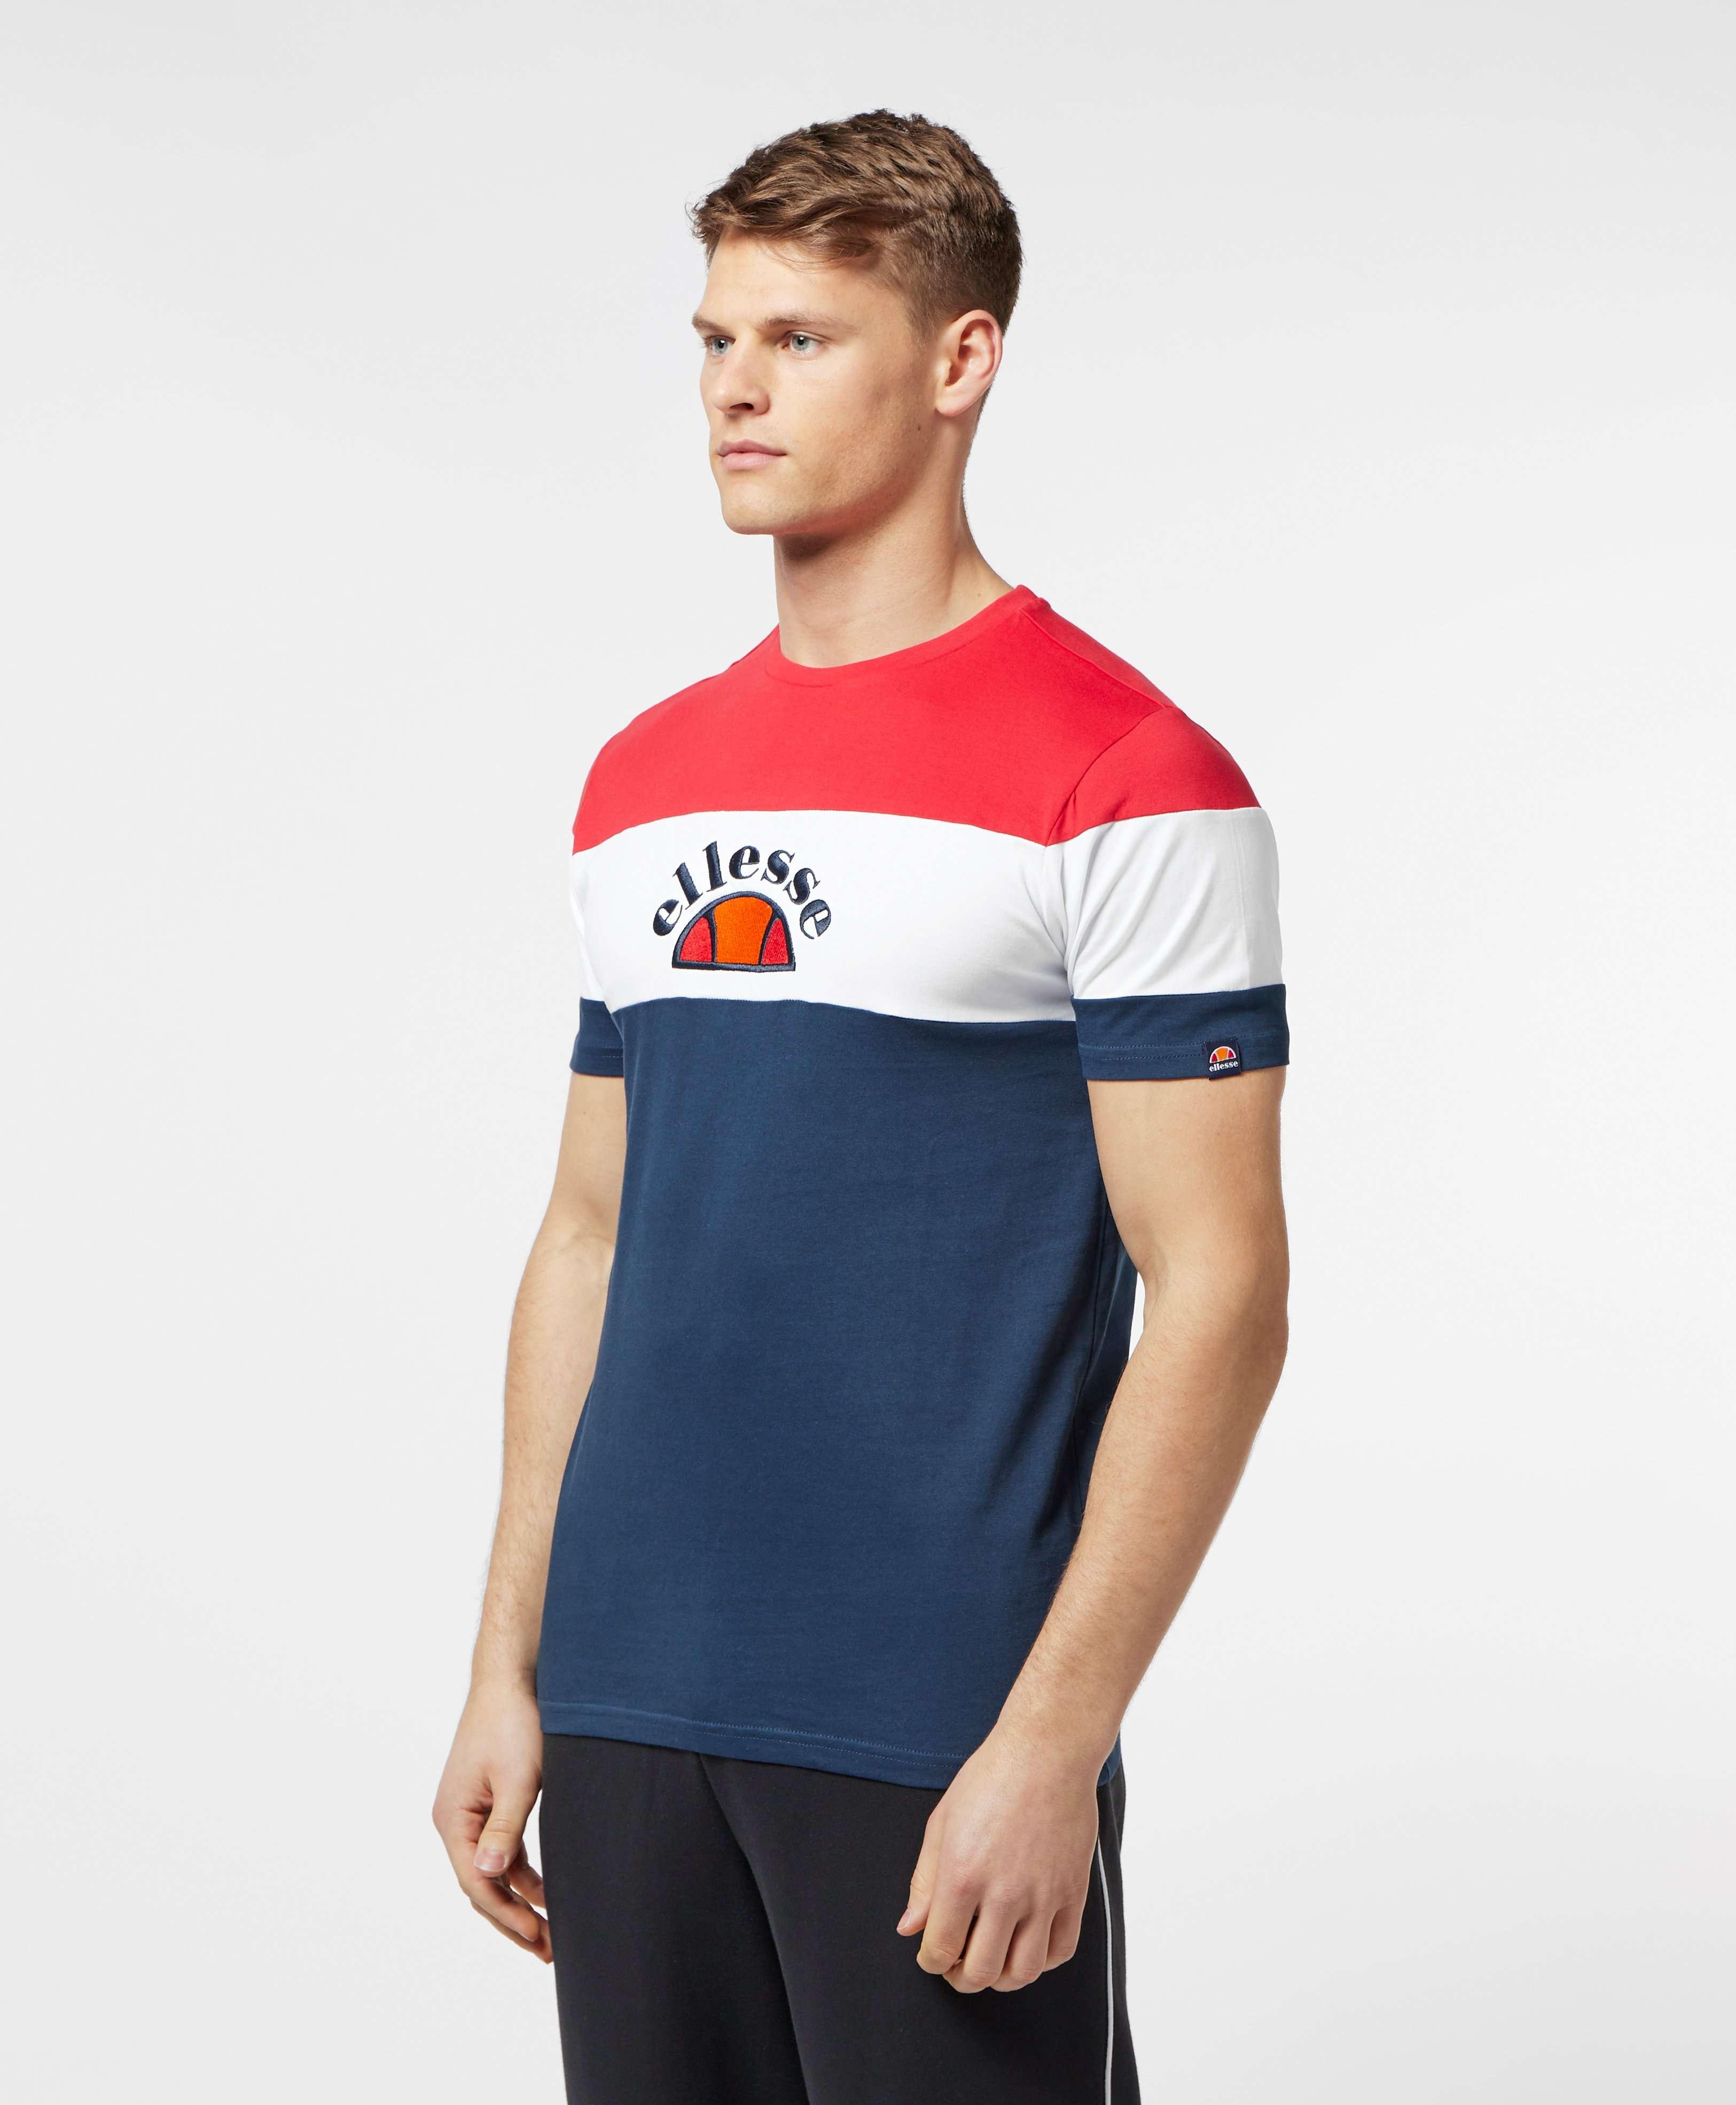 Ellesse Gubbio Short Sleeve T-Shirt - Online Exclusive